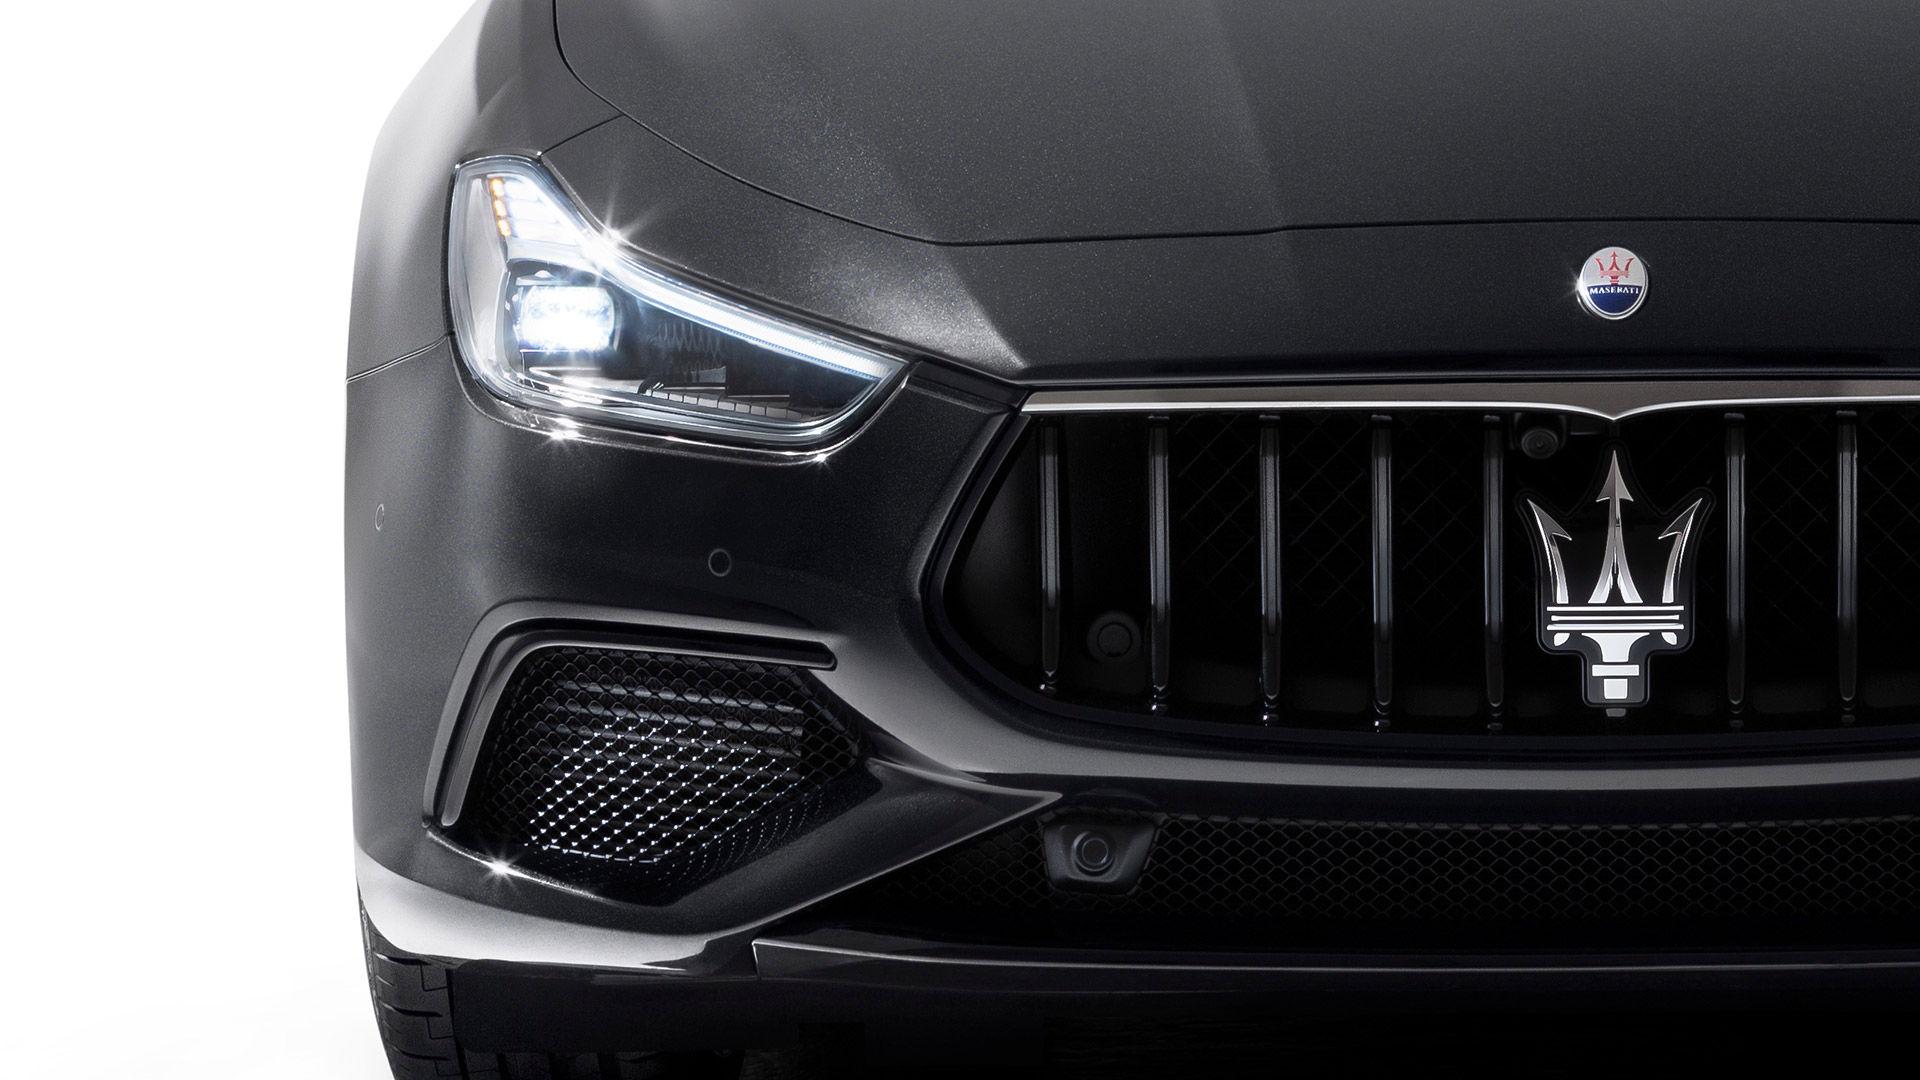 Maserati Ghibli - Kühlergrill und Scheinwerfer - Design